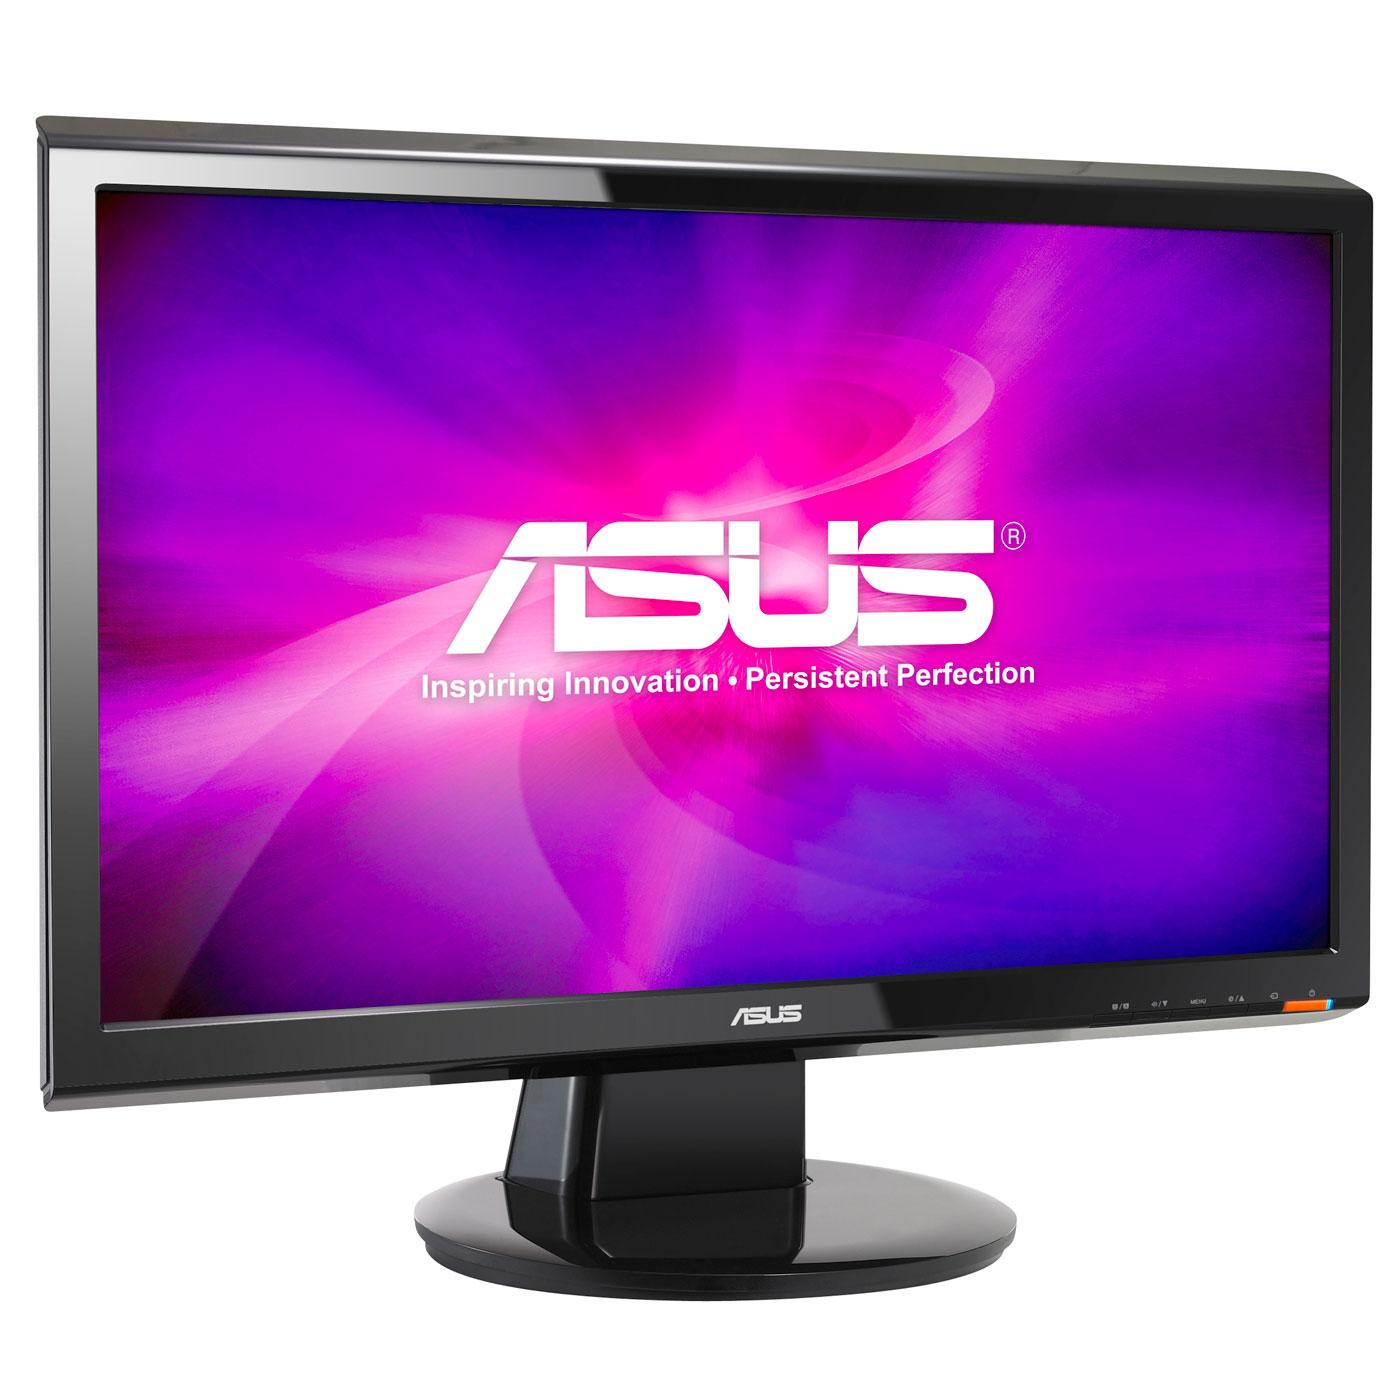 Asus 23 led vh238t vh238t achat vente ecran pc for Vente ecran pc